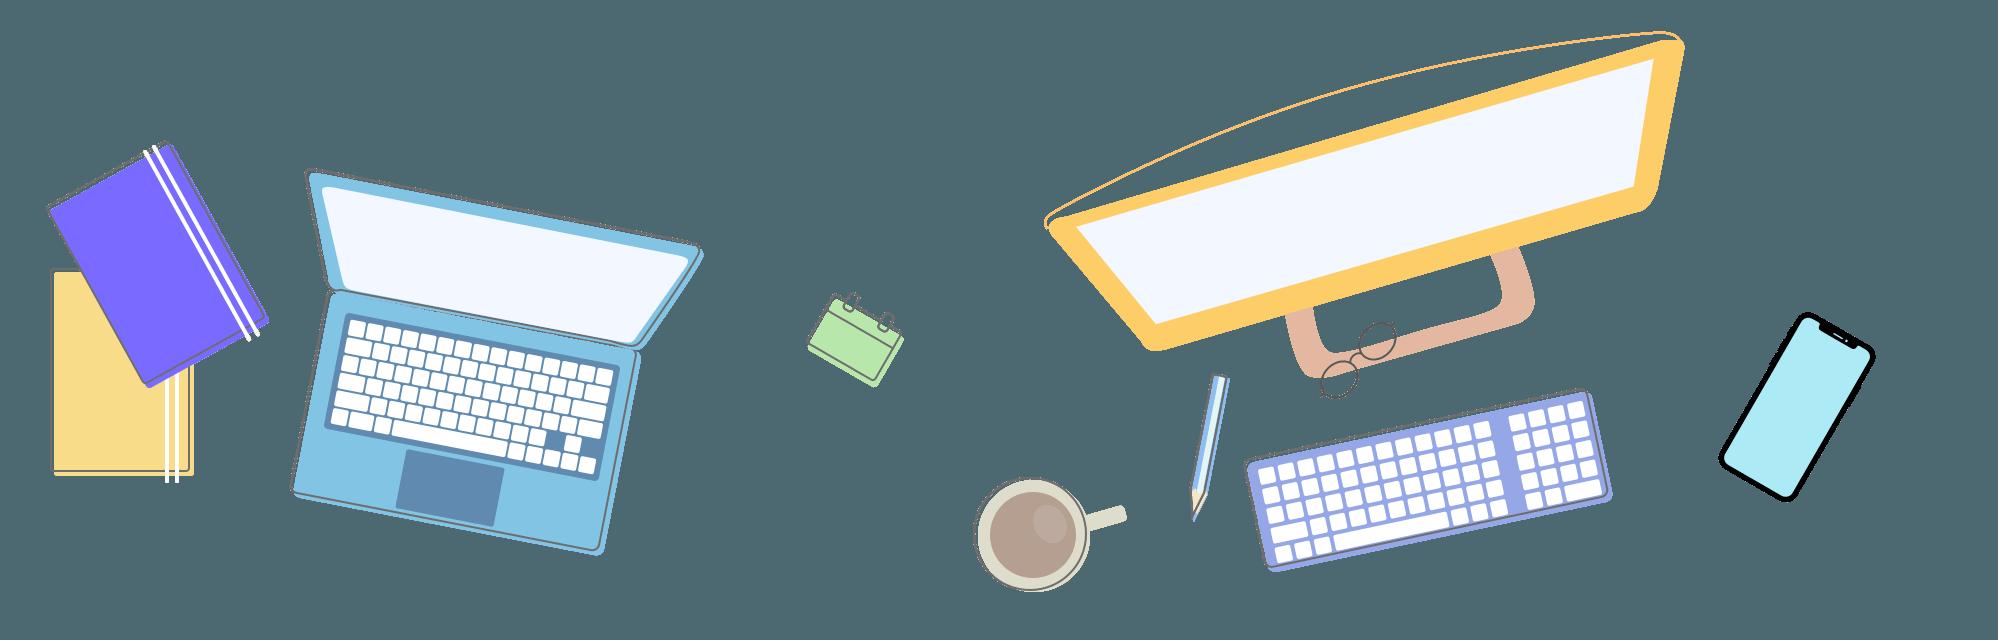 Partnermarketingesek képzése, amely szakértőket hoz létre